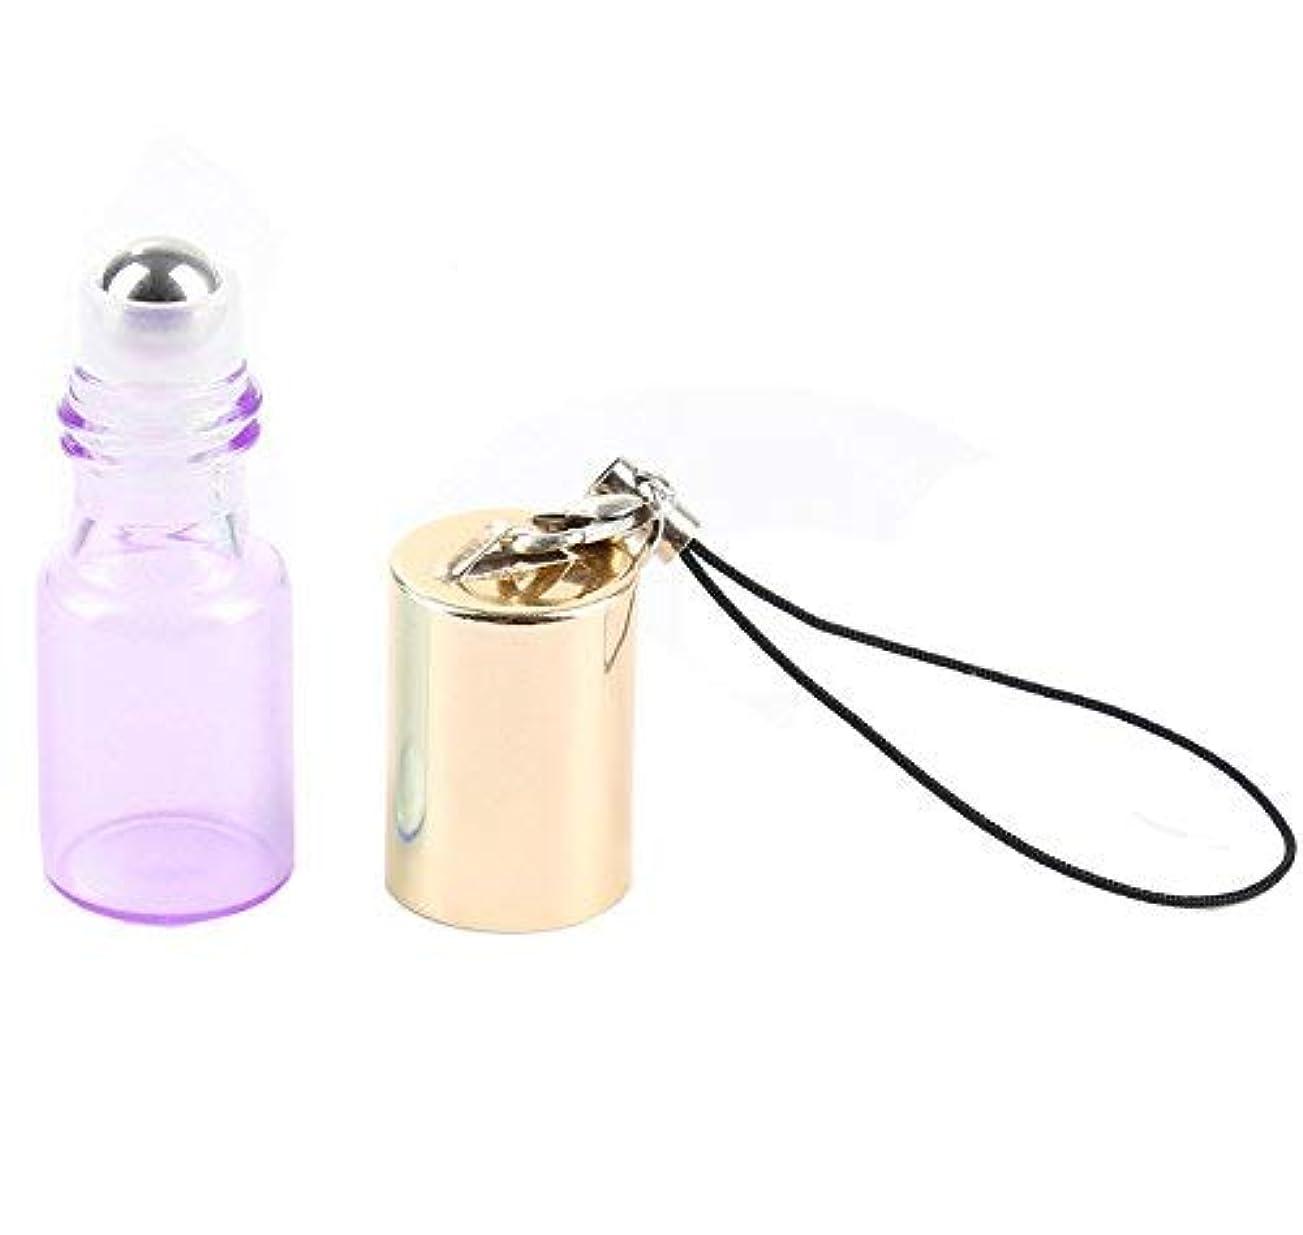 経済的盲目余暇Empty Roller Bottles - Pack of 12 3ml Pearl Colored Glass Roll-on Bottles for Essential Oil Container with Golden...